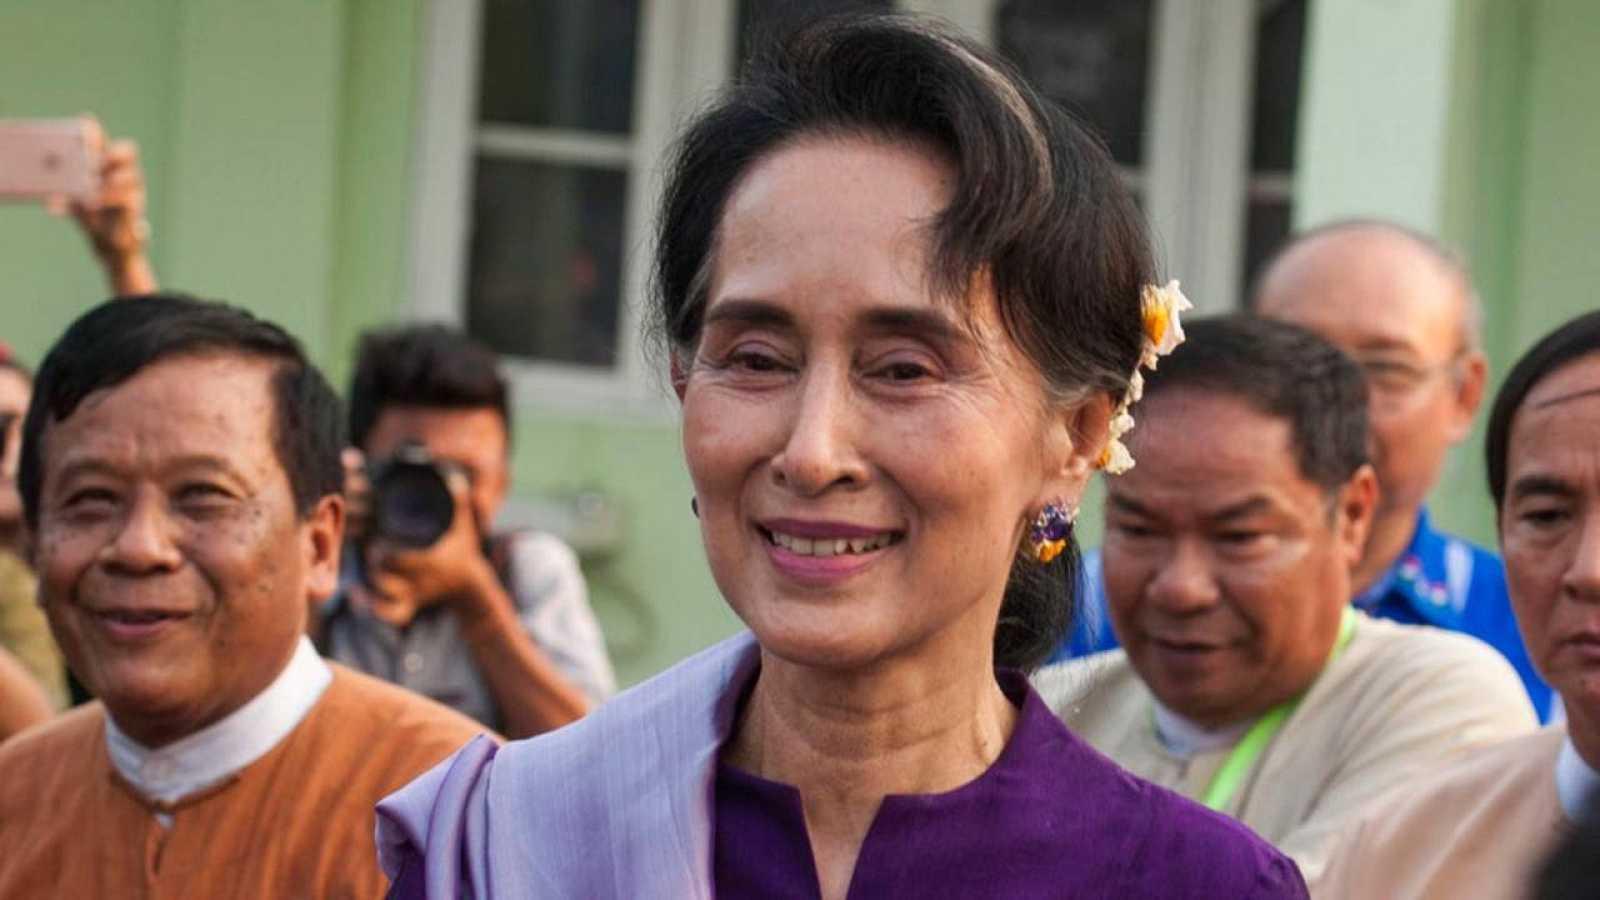 Aung San Suu Kyi formará parte del próximo gobierno birmano